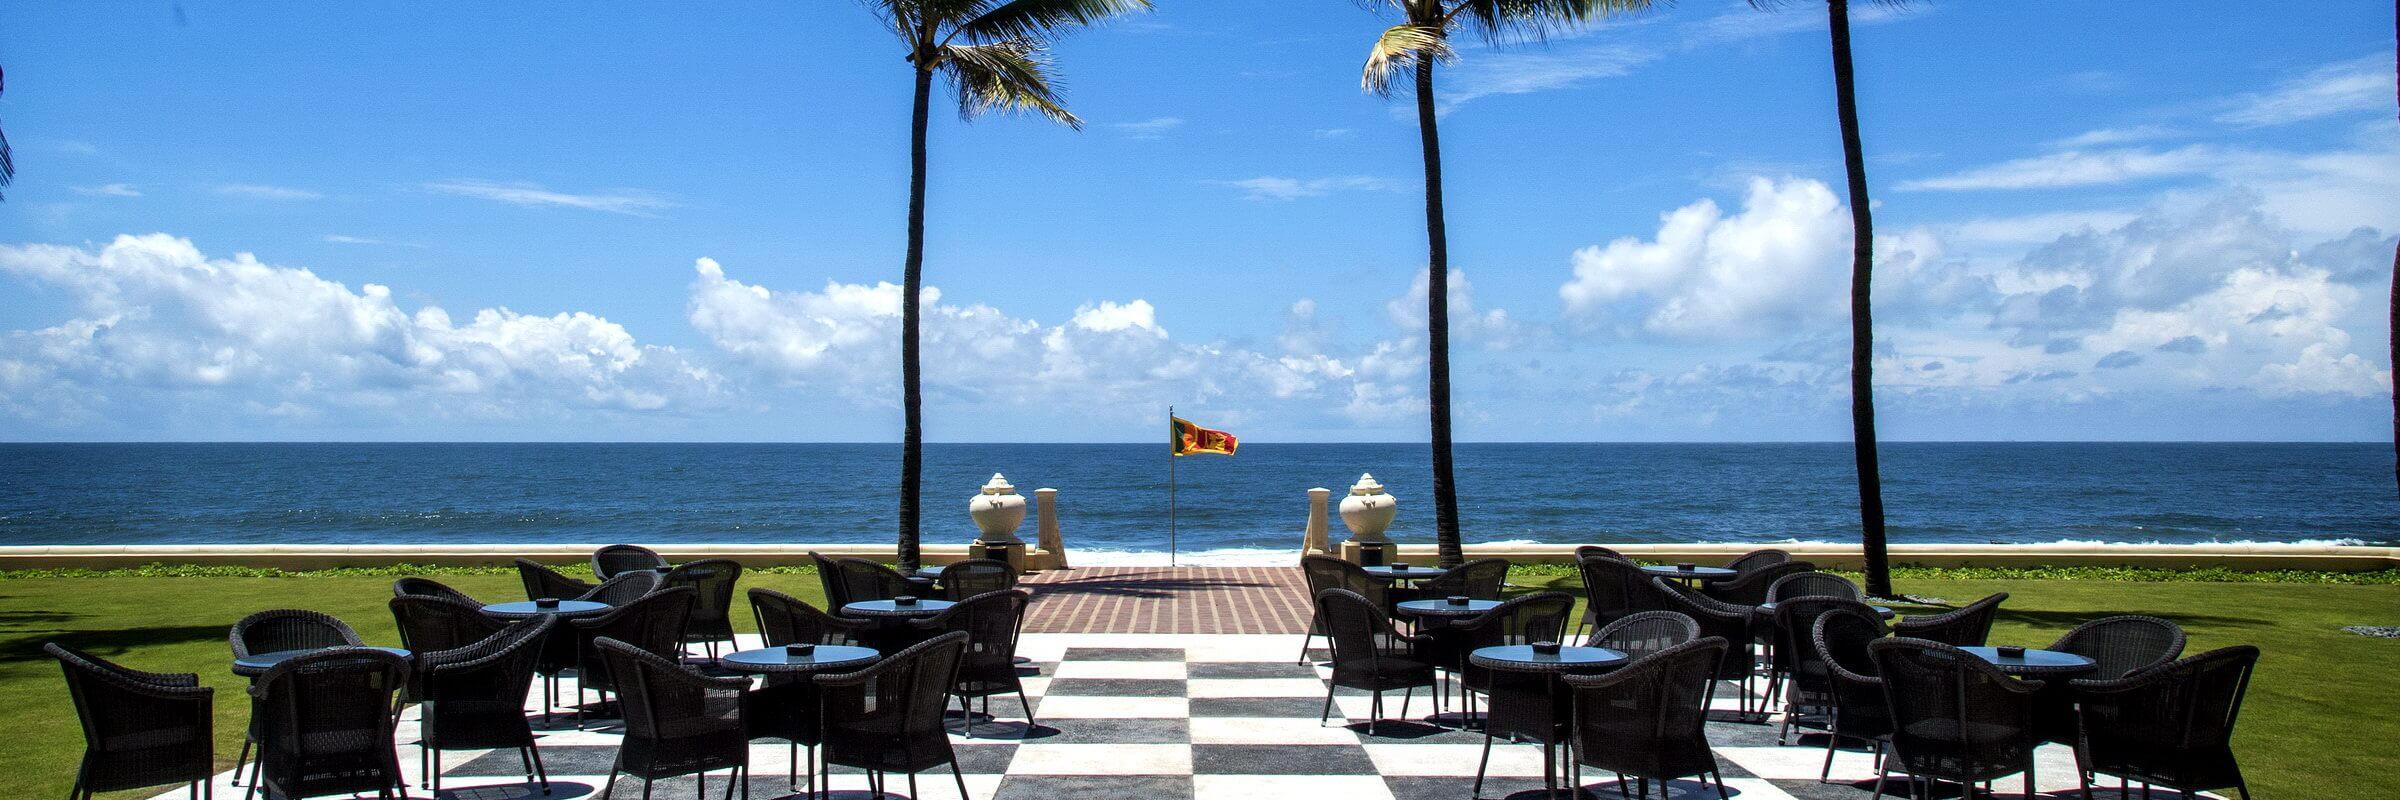 Von der Terrasse im Galle Face Hotel in Colombo haben Sie einen fantastischen Meerblick